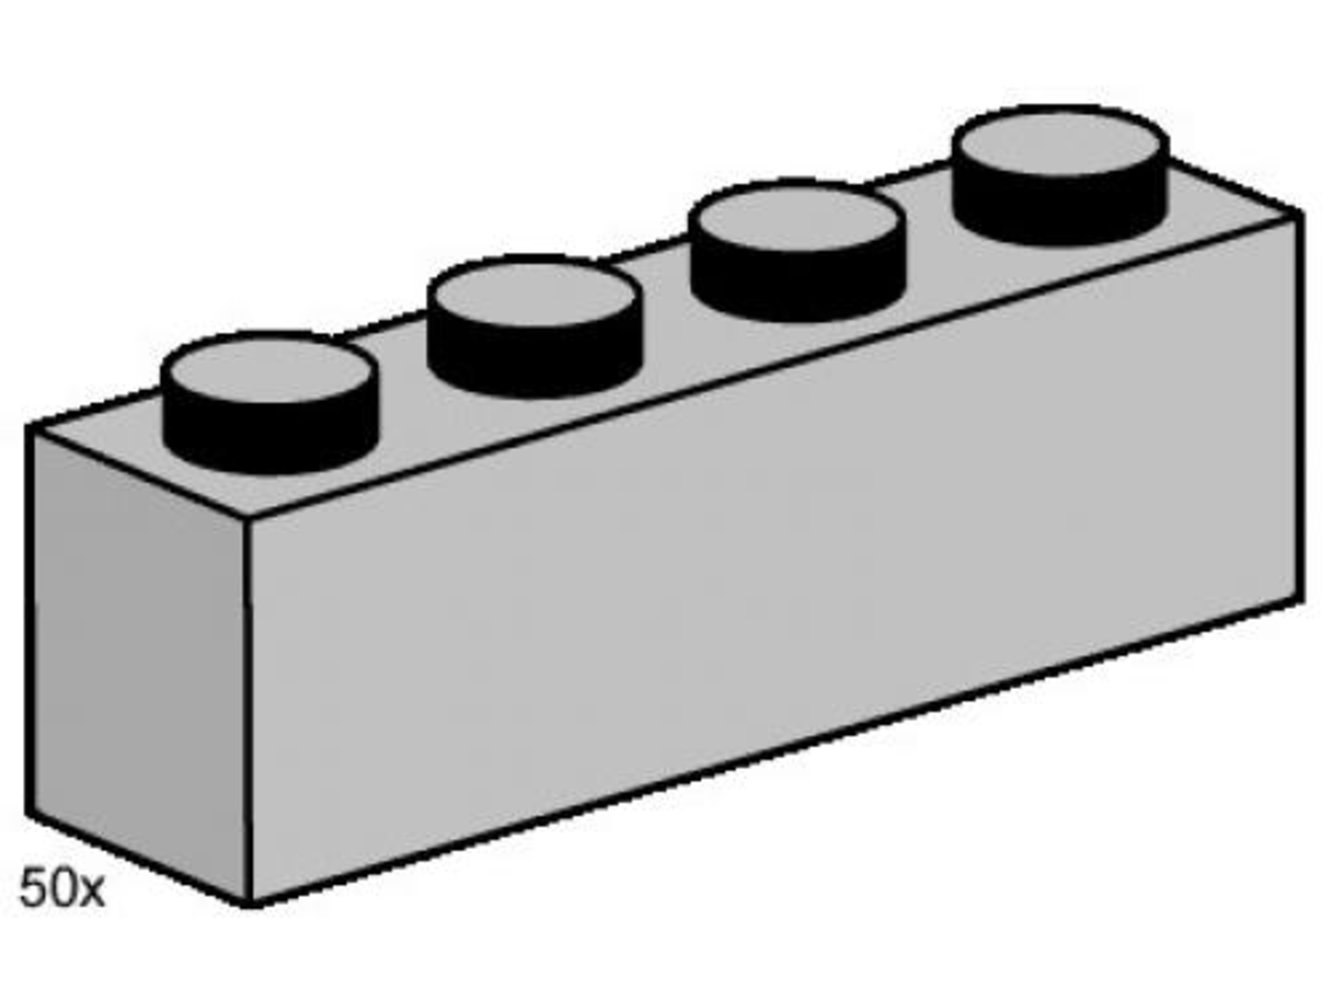 1 x 4 Light Gray Bricks